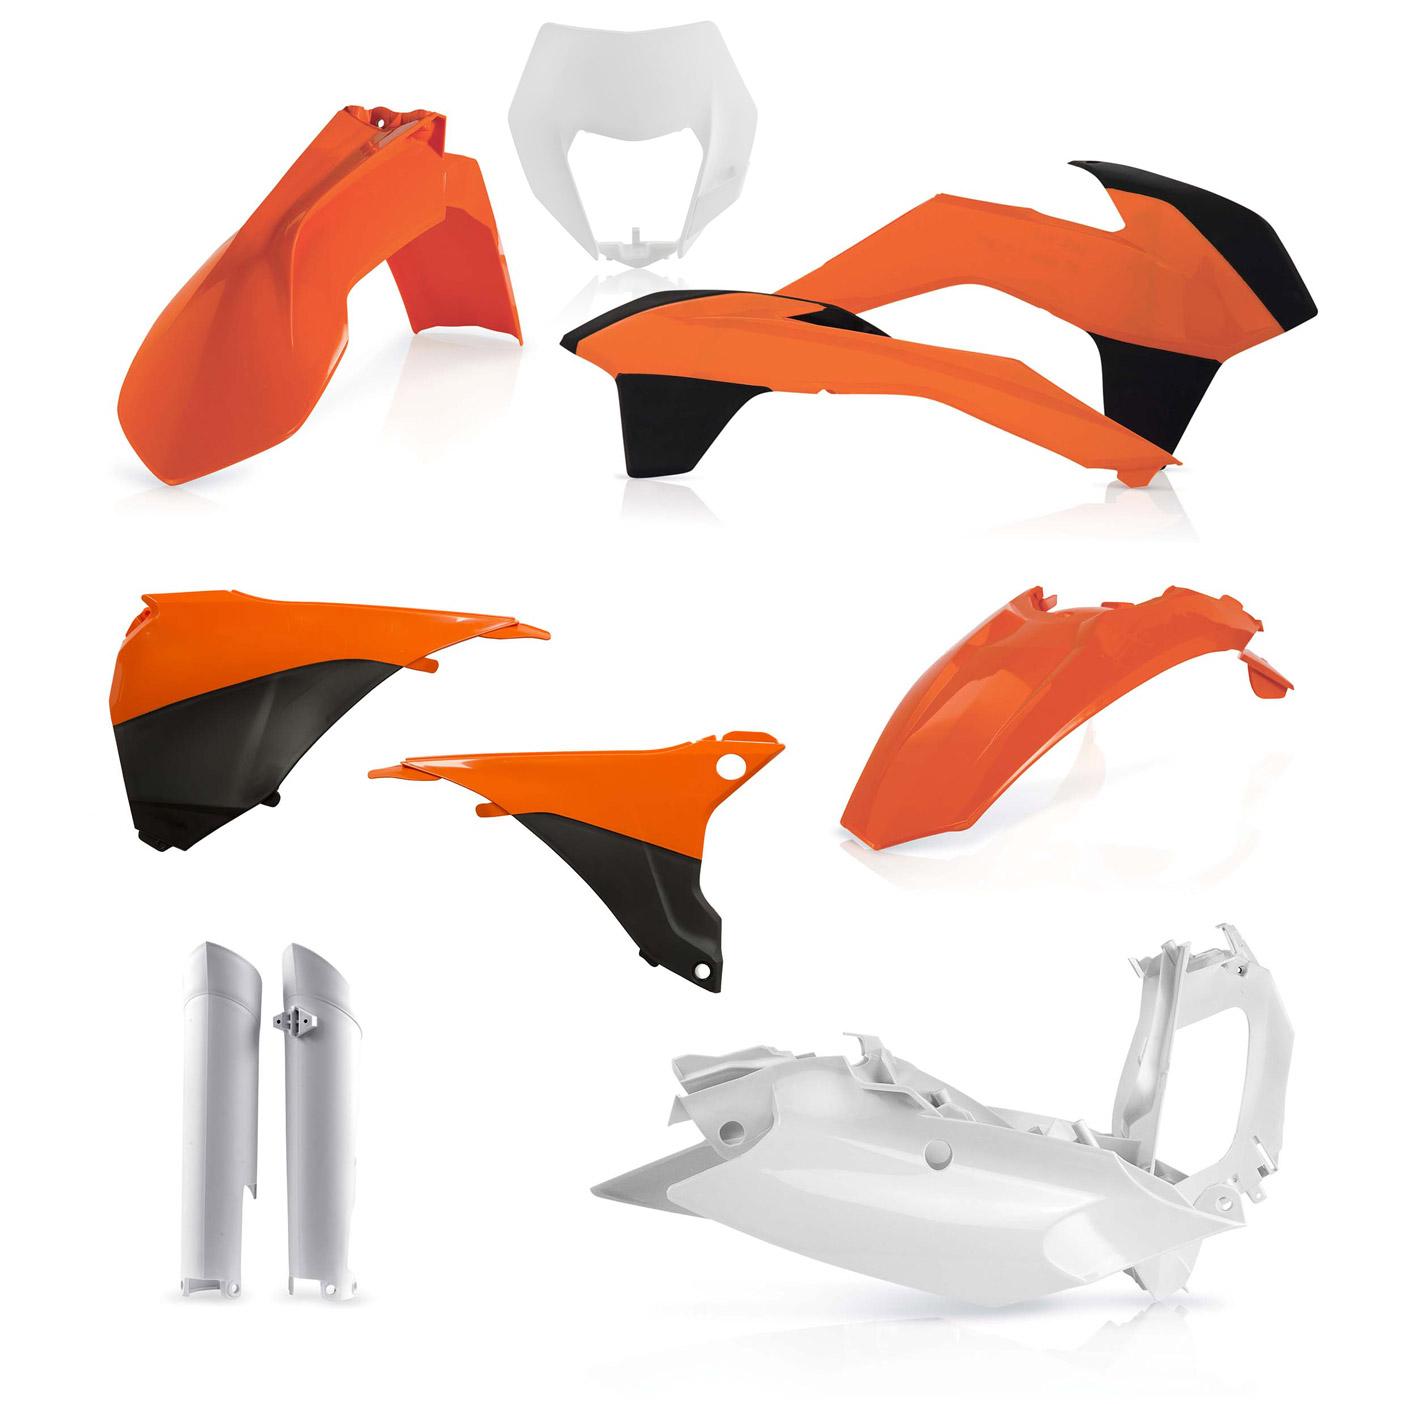 Plastikteile für deine KTM EXC und EXC-F in OEM14. Bestehend aus Frontkotflügel, Heckkotflügel, Tankspoiler, Nummerntafel, Seitenteilen, Gabelschoner und Lampenmaske